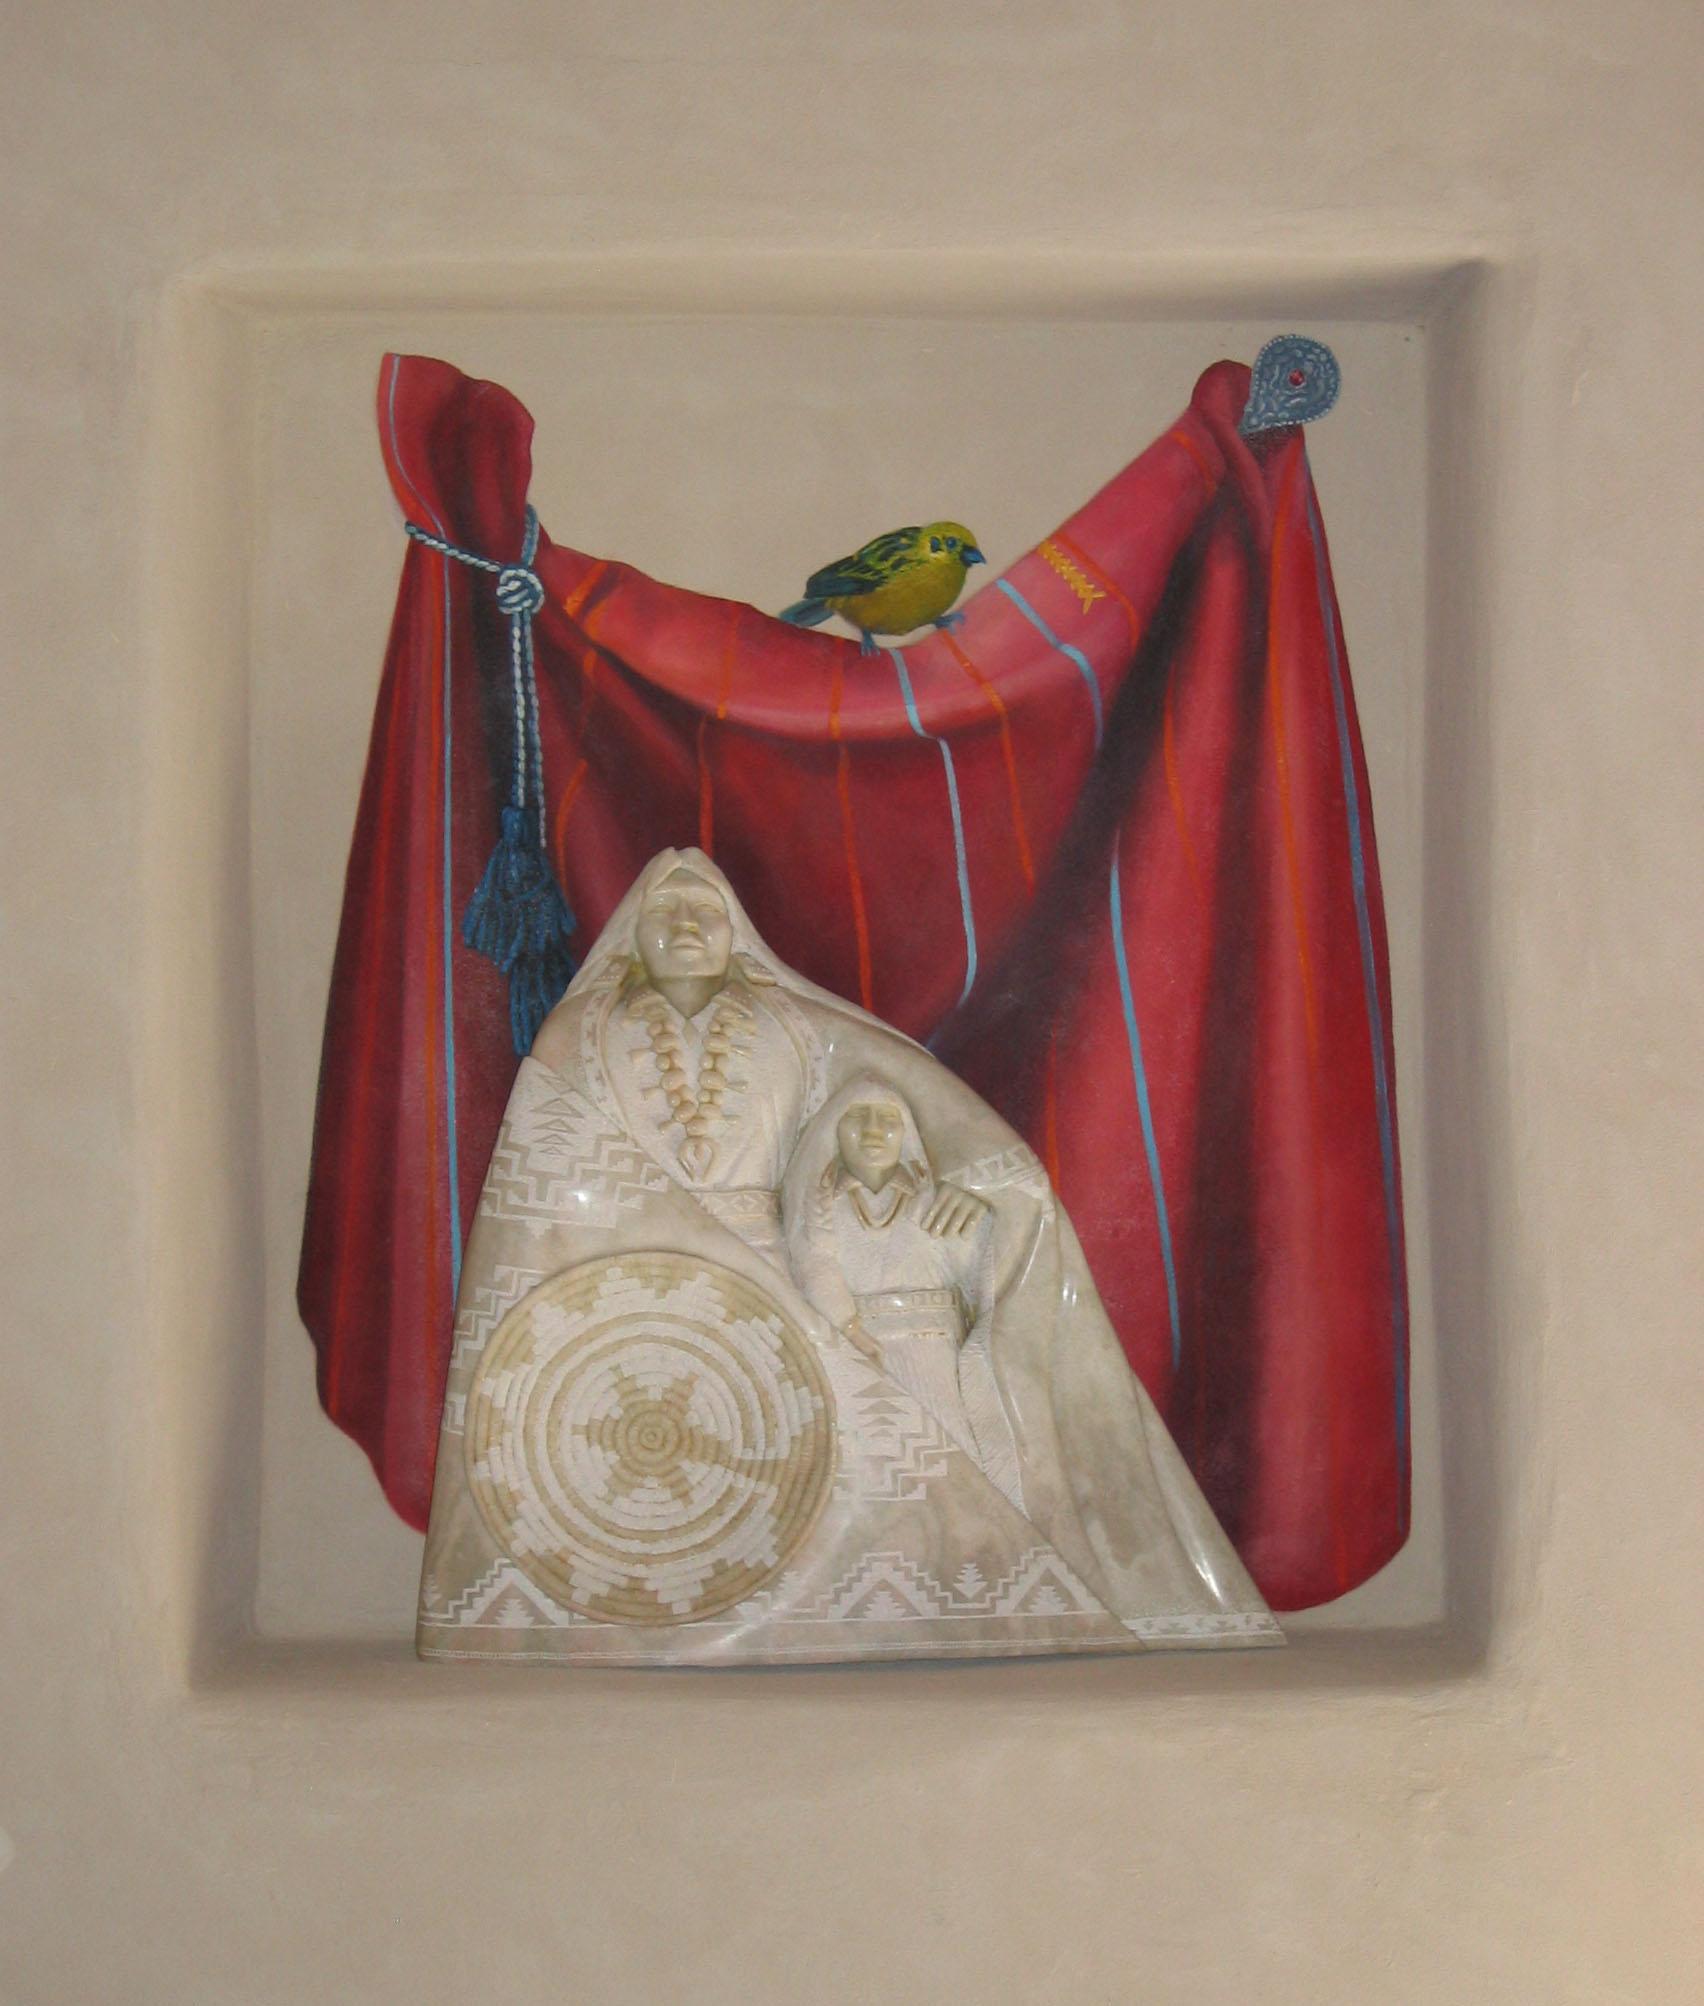 Trompe l'oeil cloth with bird in niche